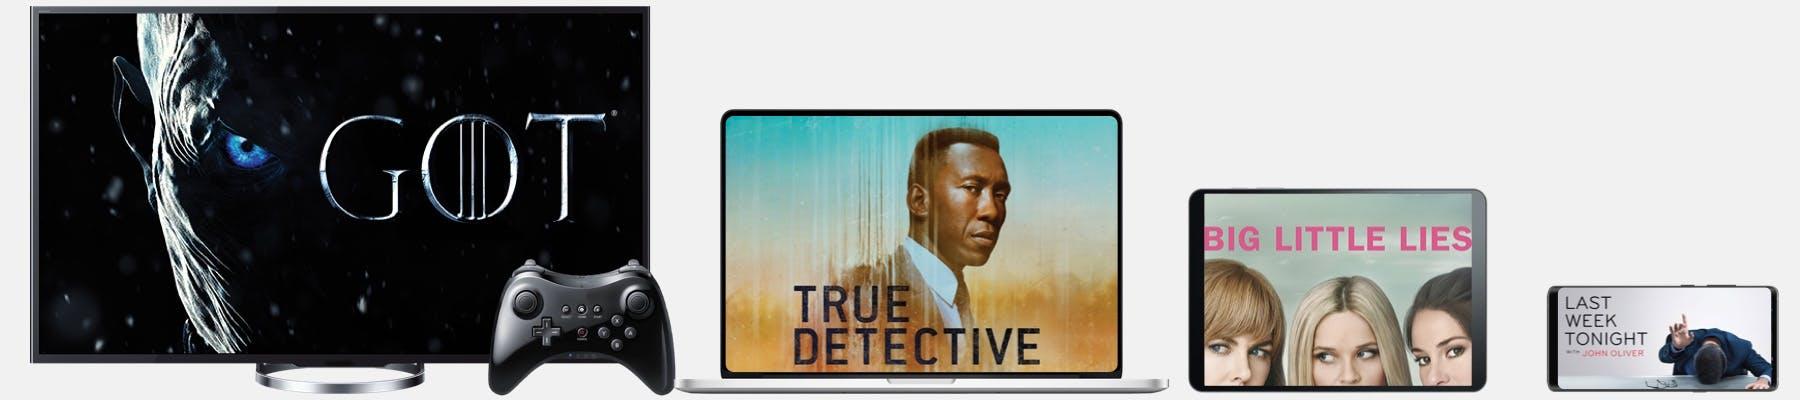 watch true detective online